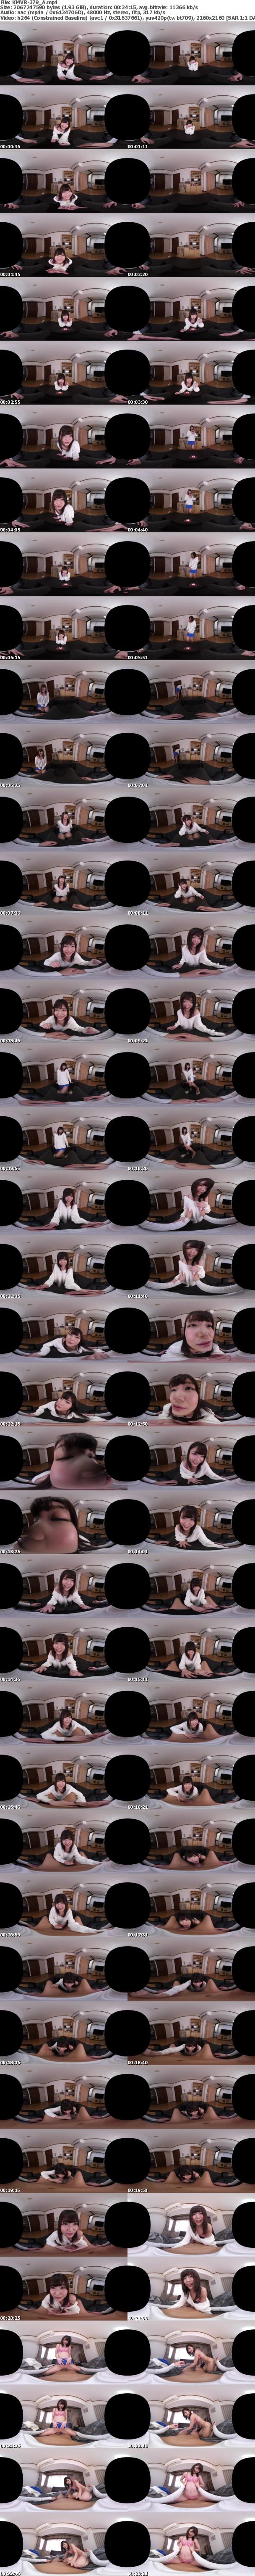 VR/3D [KMVR-379] 【VR】ジラし誘惑 敏感美乳お姉さんとねっとり高密着SEXで生中出し 碧しの【リアル映像】